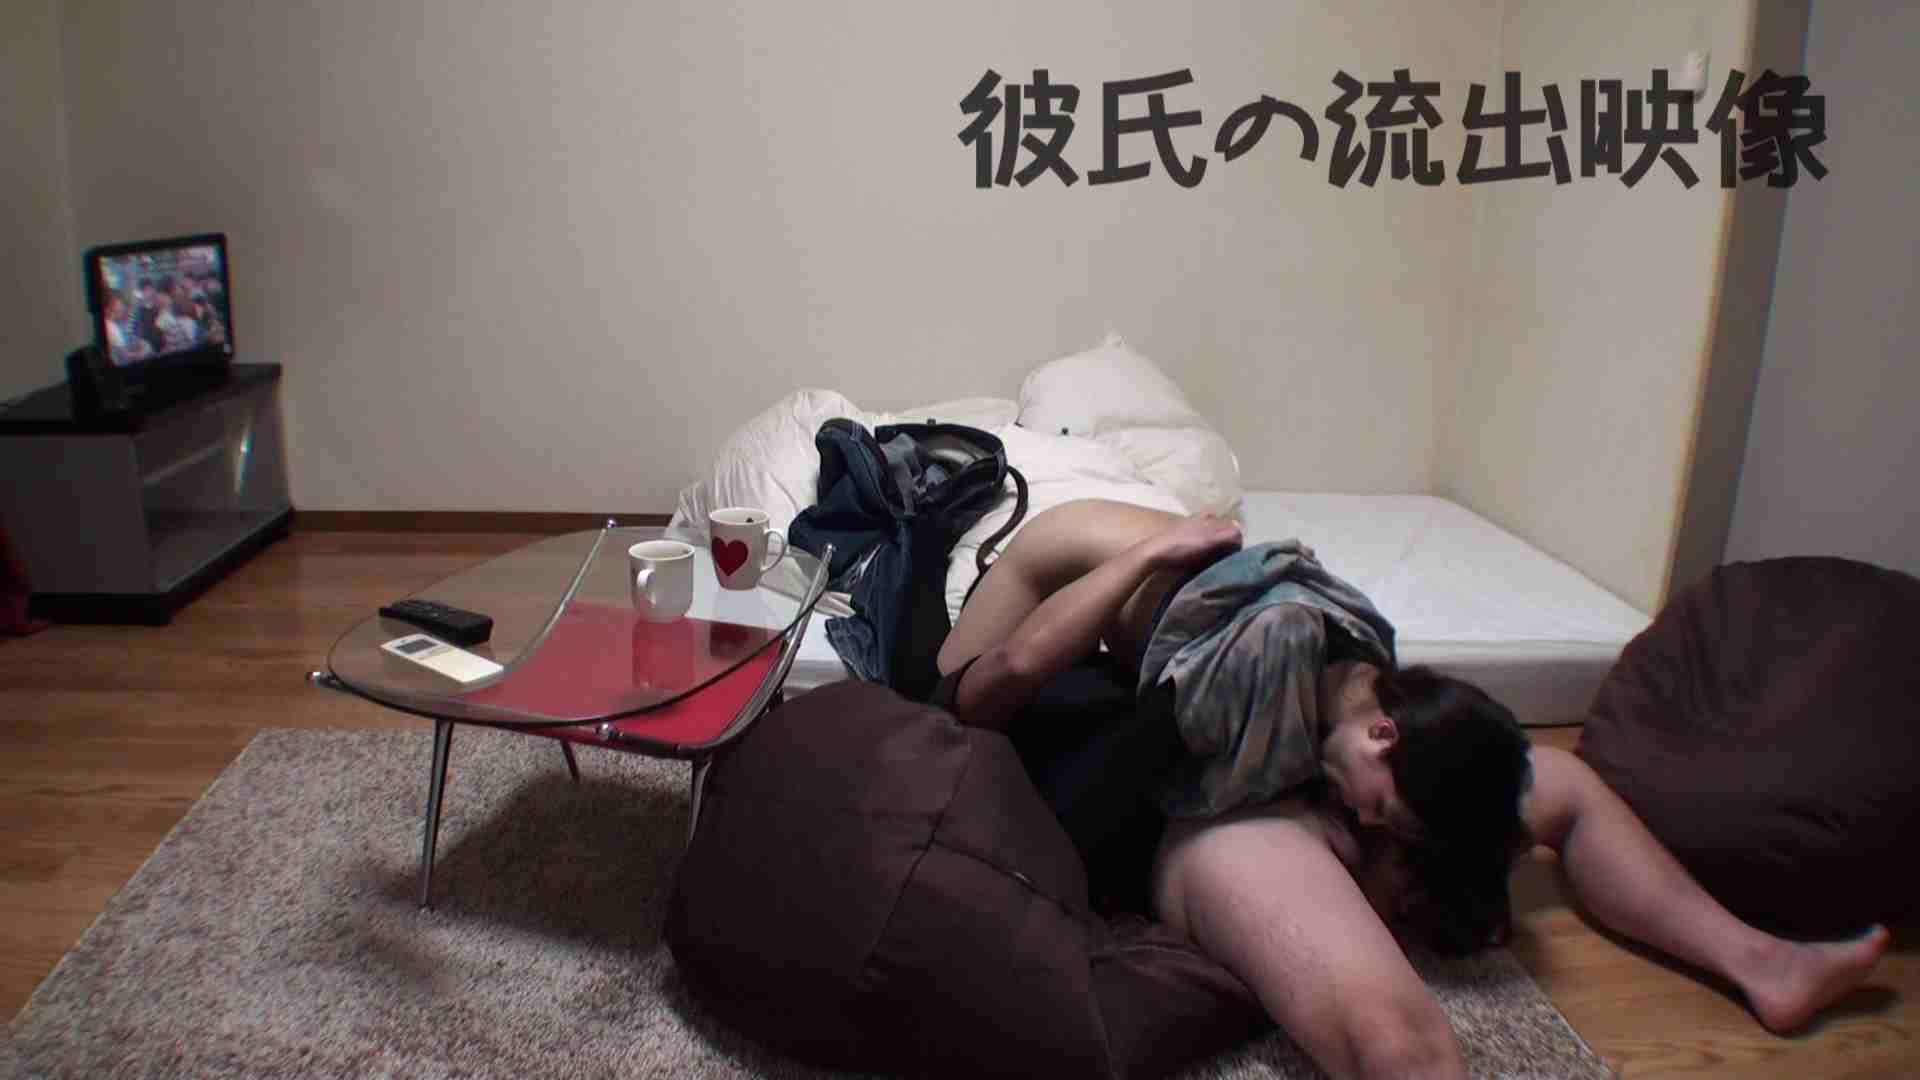 彼氏が流出 パイパン素人嬢のハメ撮り映像02 パイパン娘 | 素人ギャル女  90連発 55